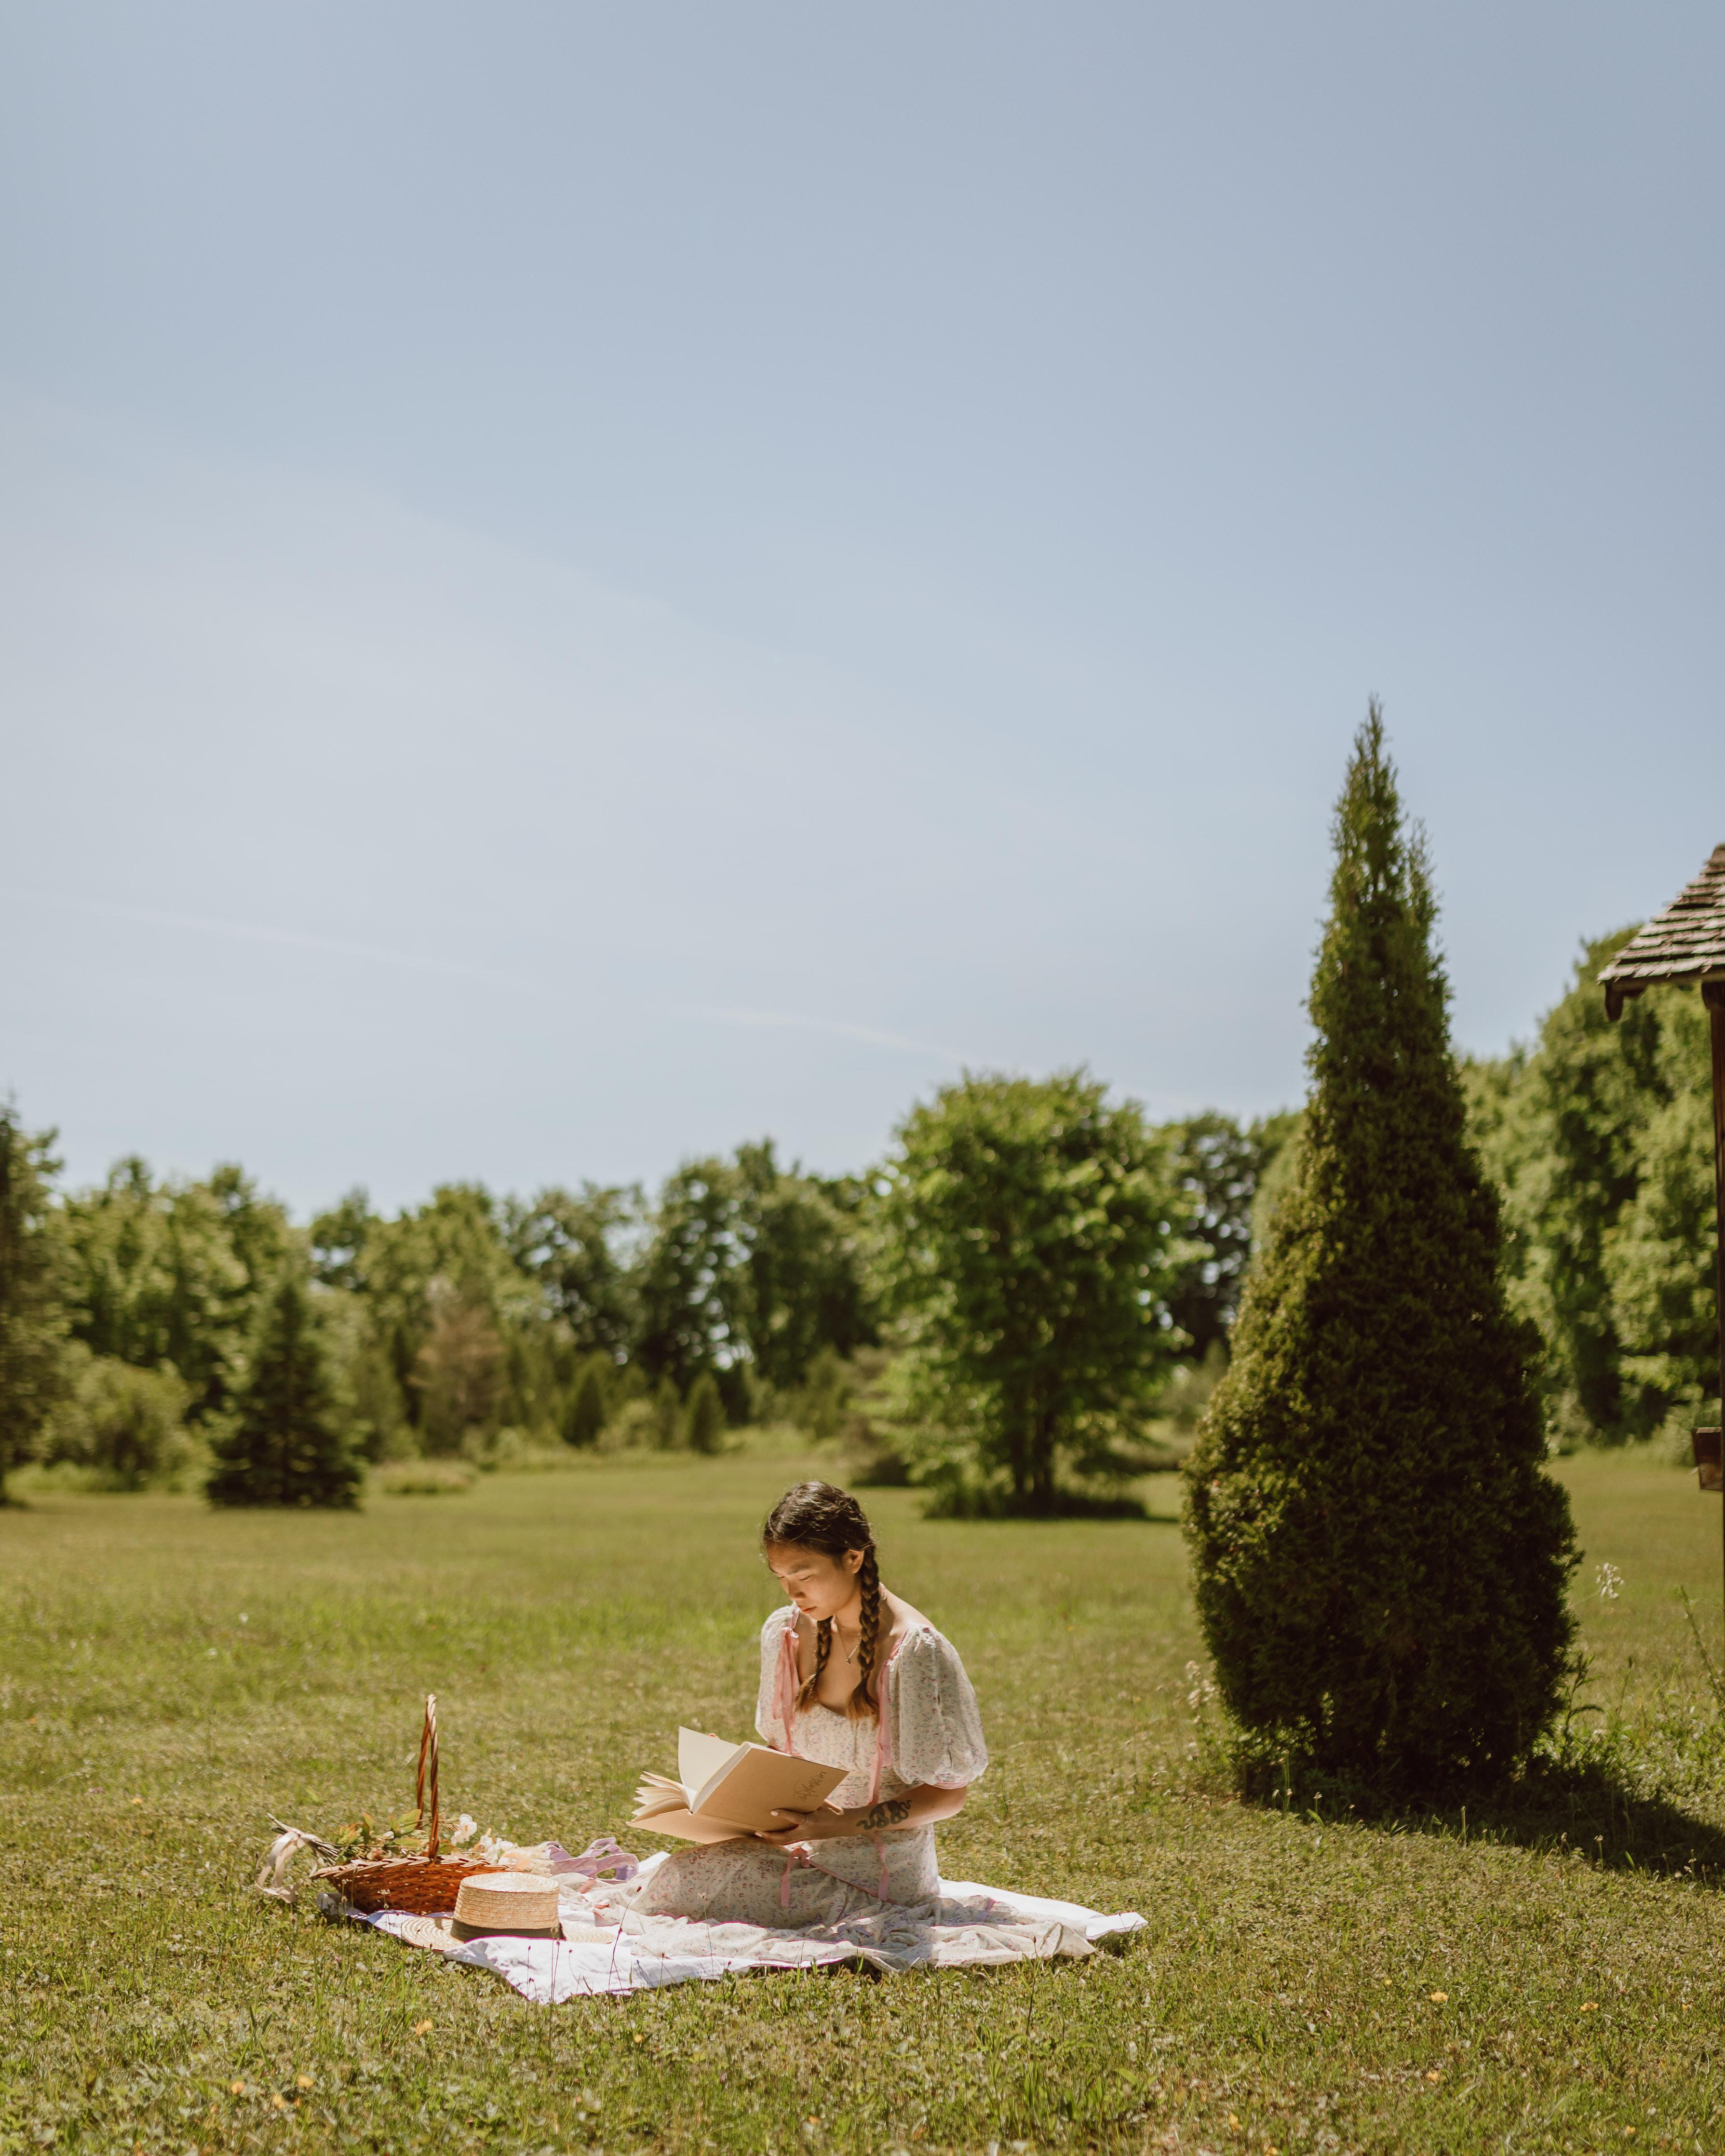 草地上看书的美女图片